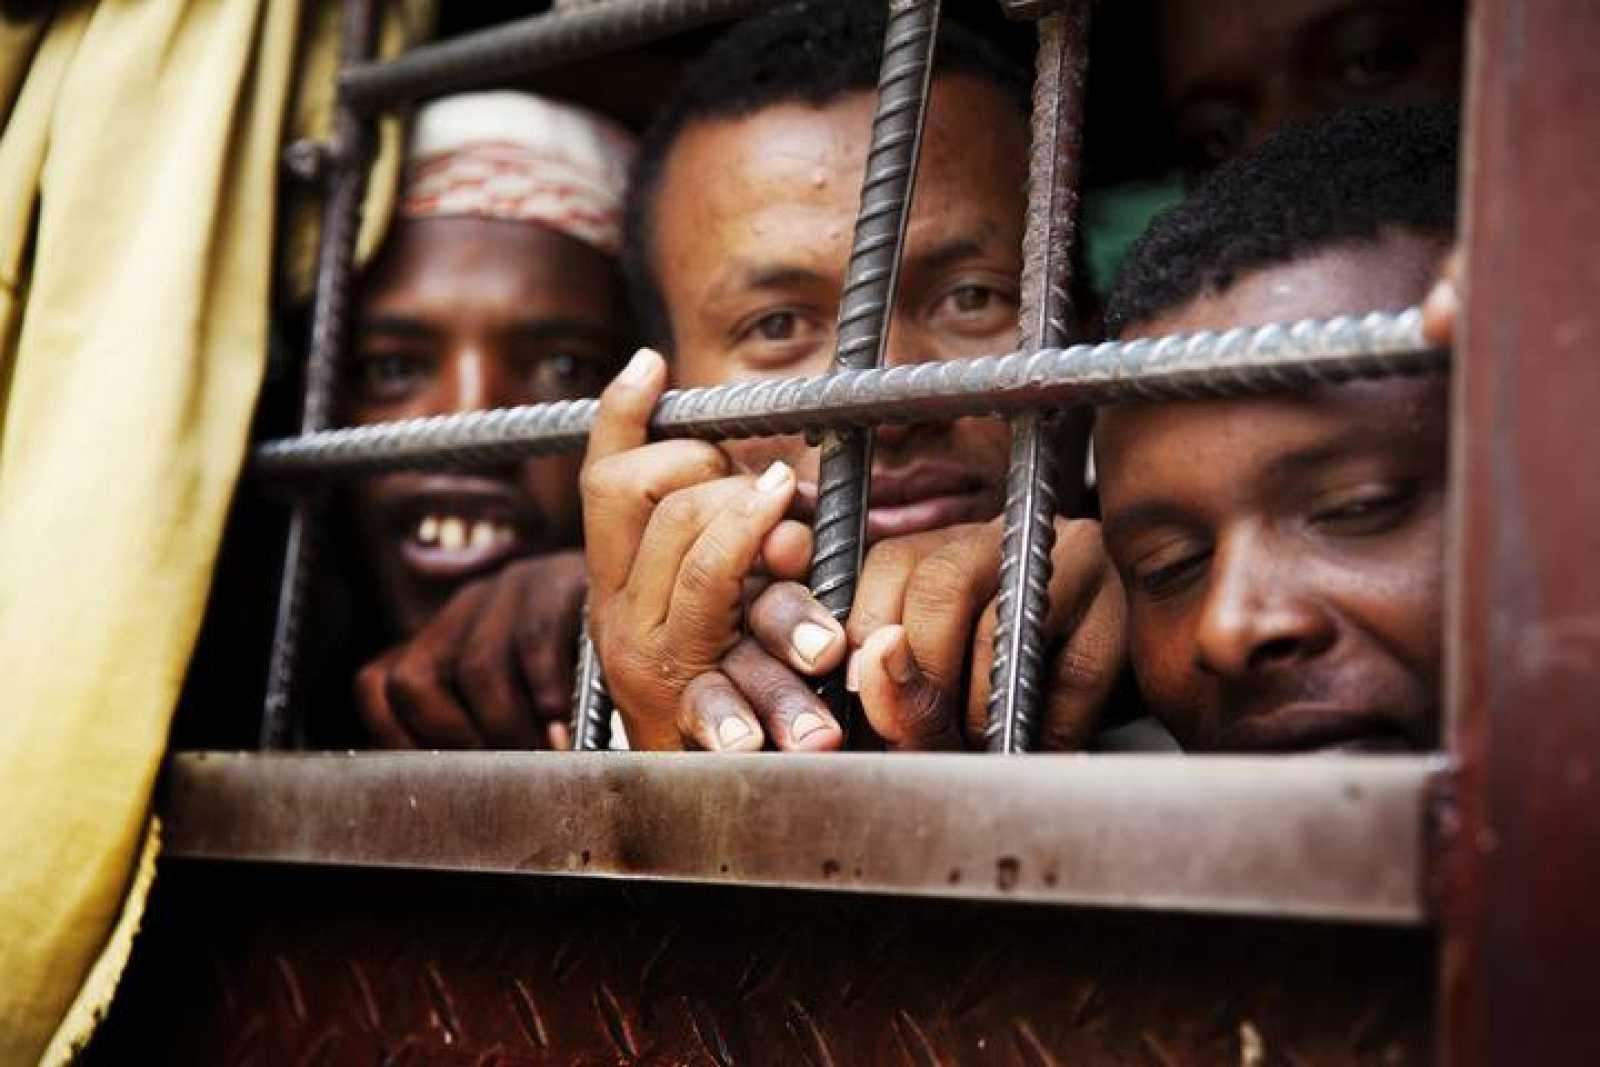 Inmigrantes africanos en el centro de internamiento de Saná, capital de Yemen